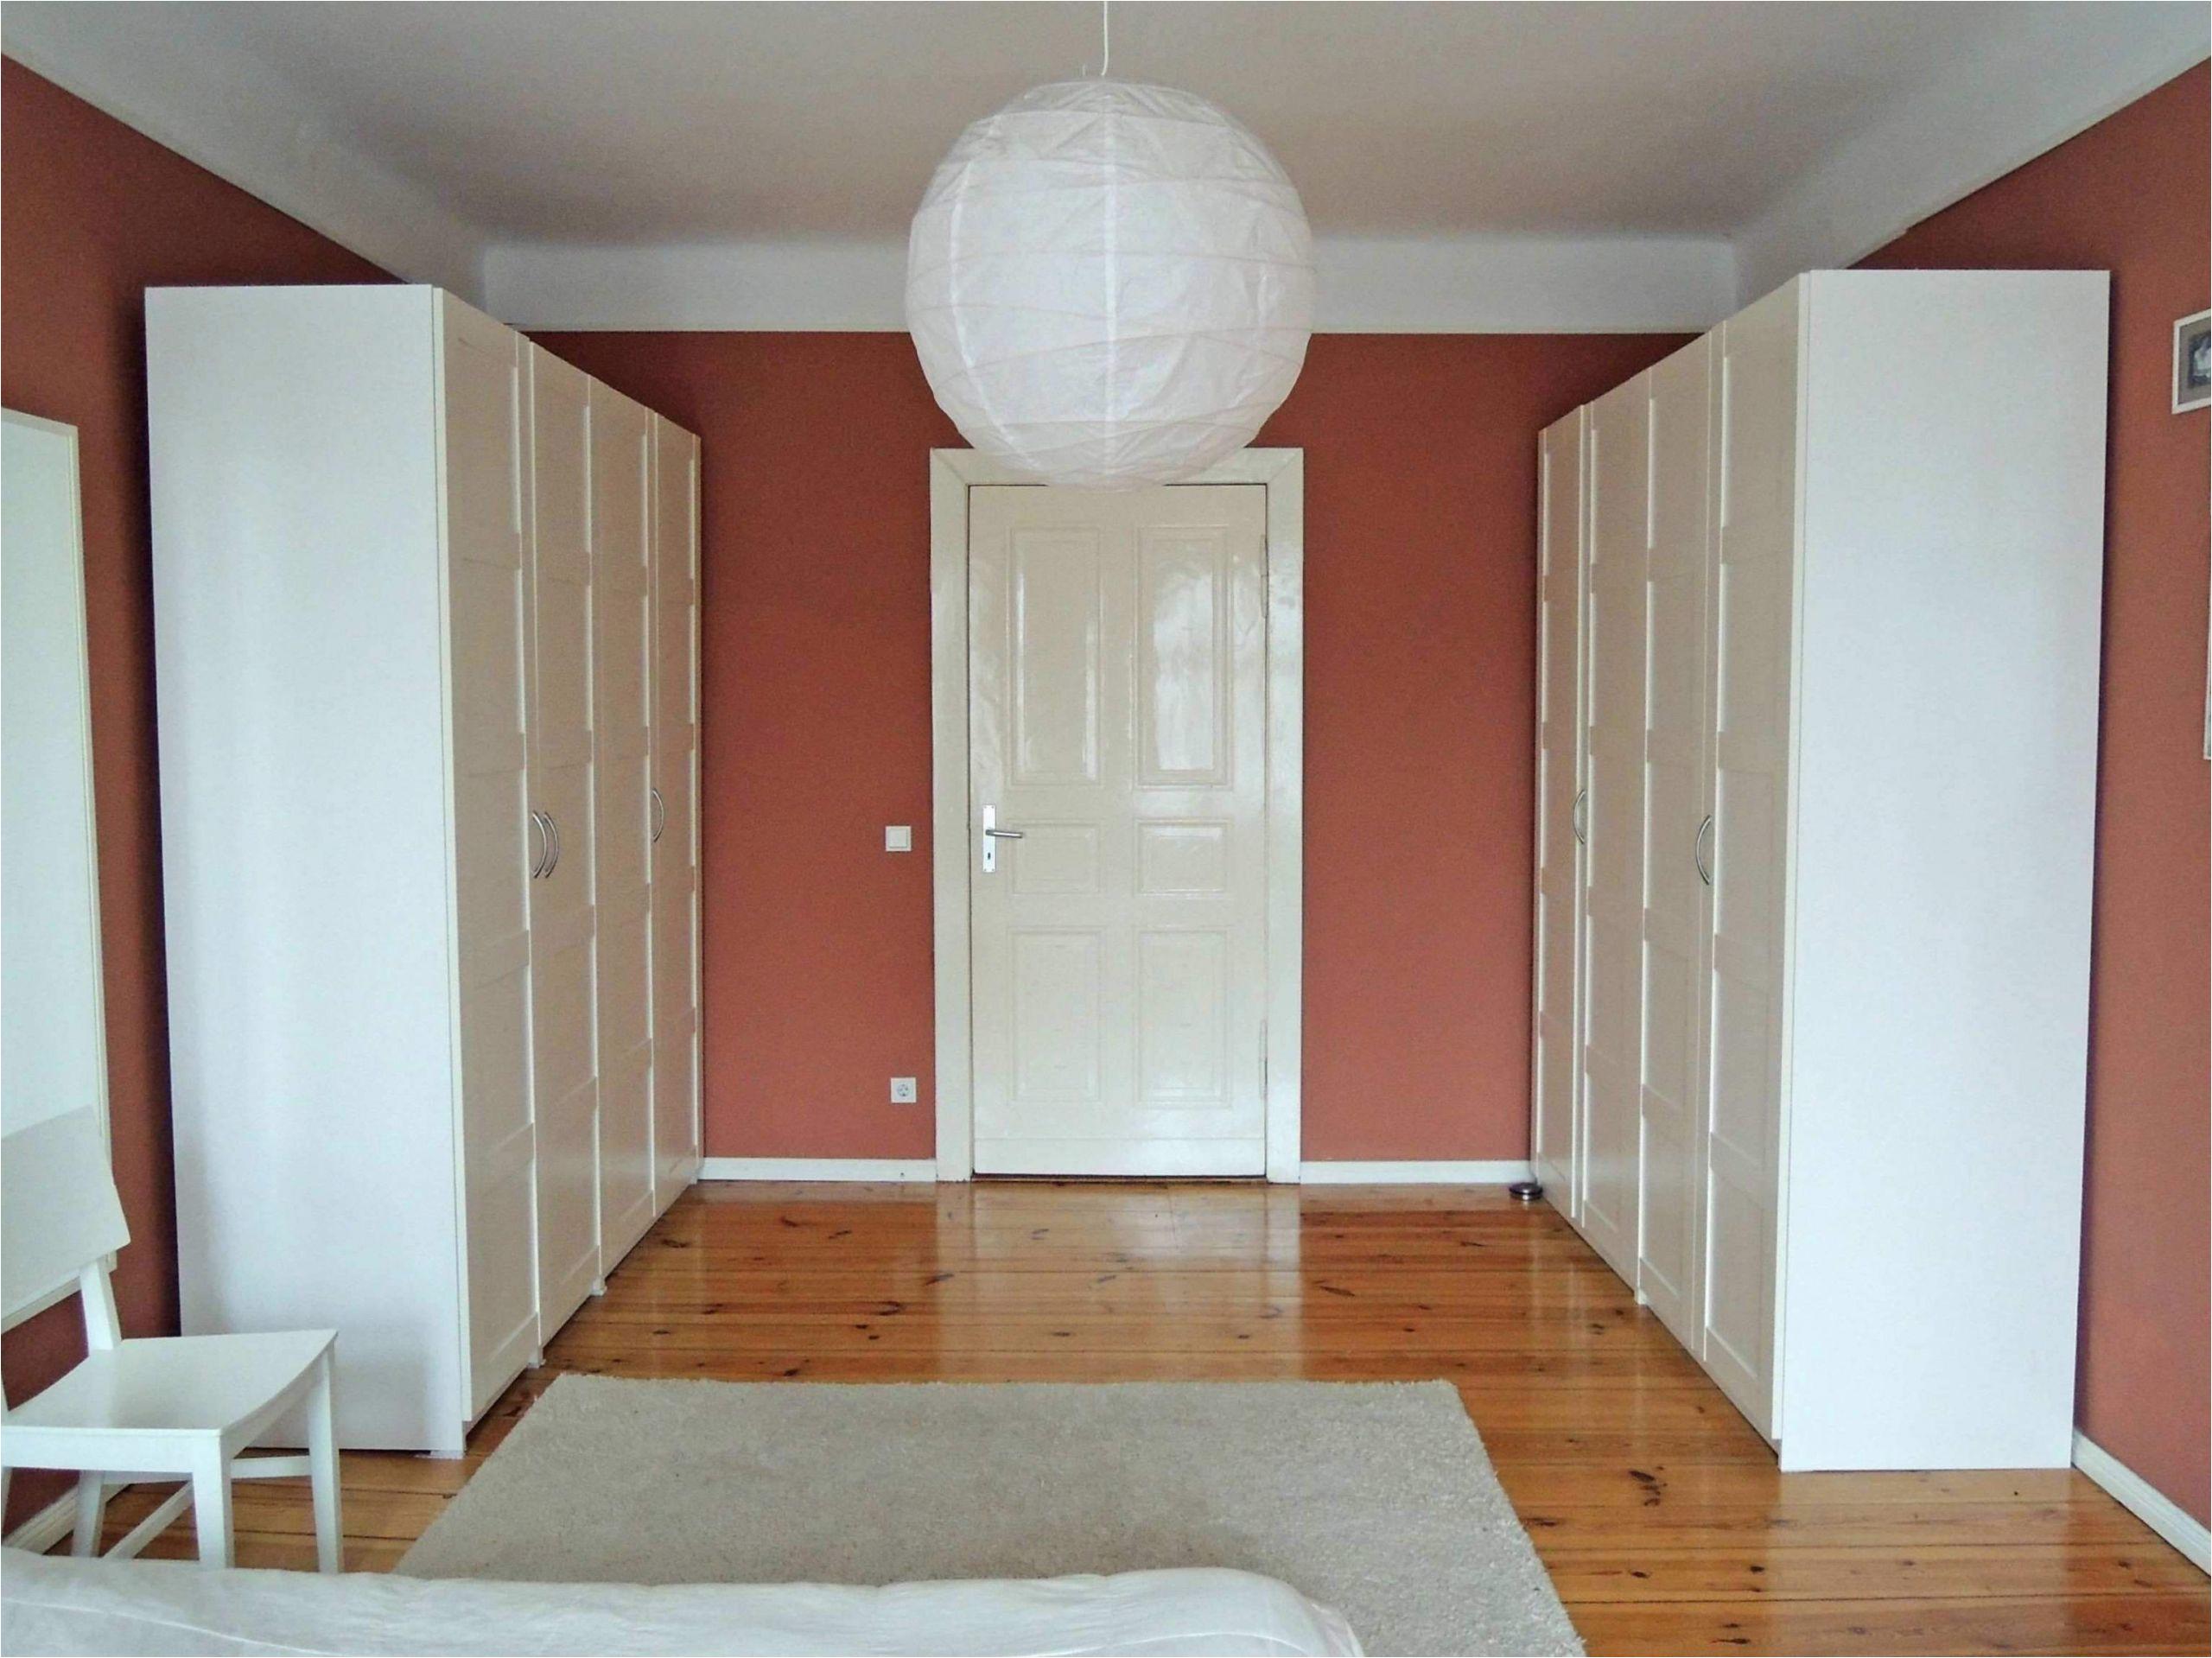 wohnzimmer vorhang einzigartig 45 beste von fenster gardinen wohnzimmer planen of wohnzimmer vorhang scaled